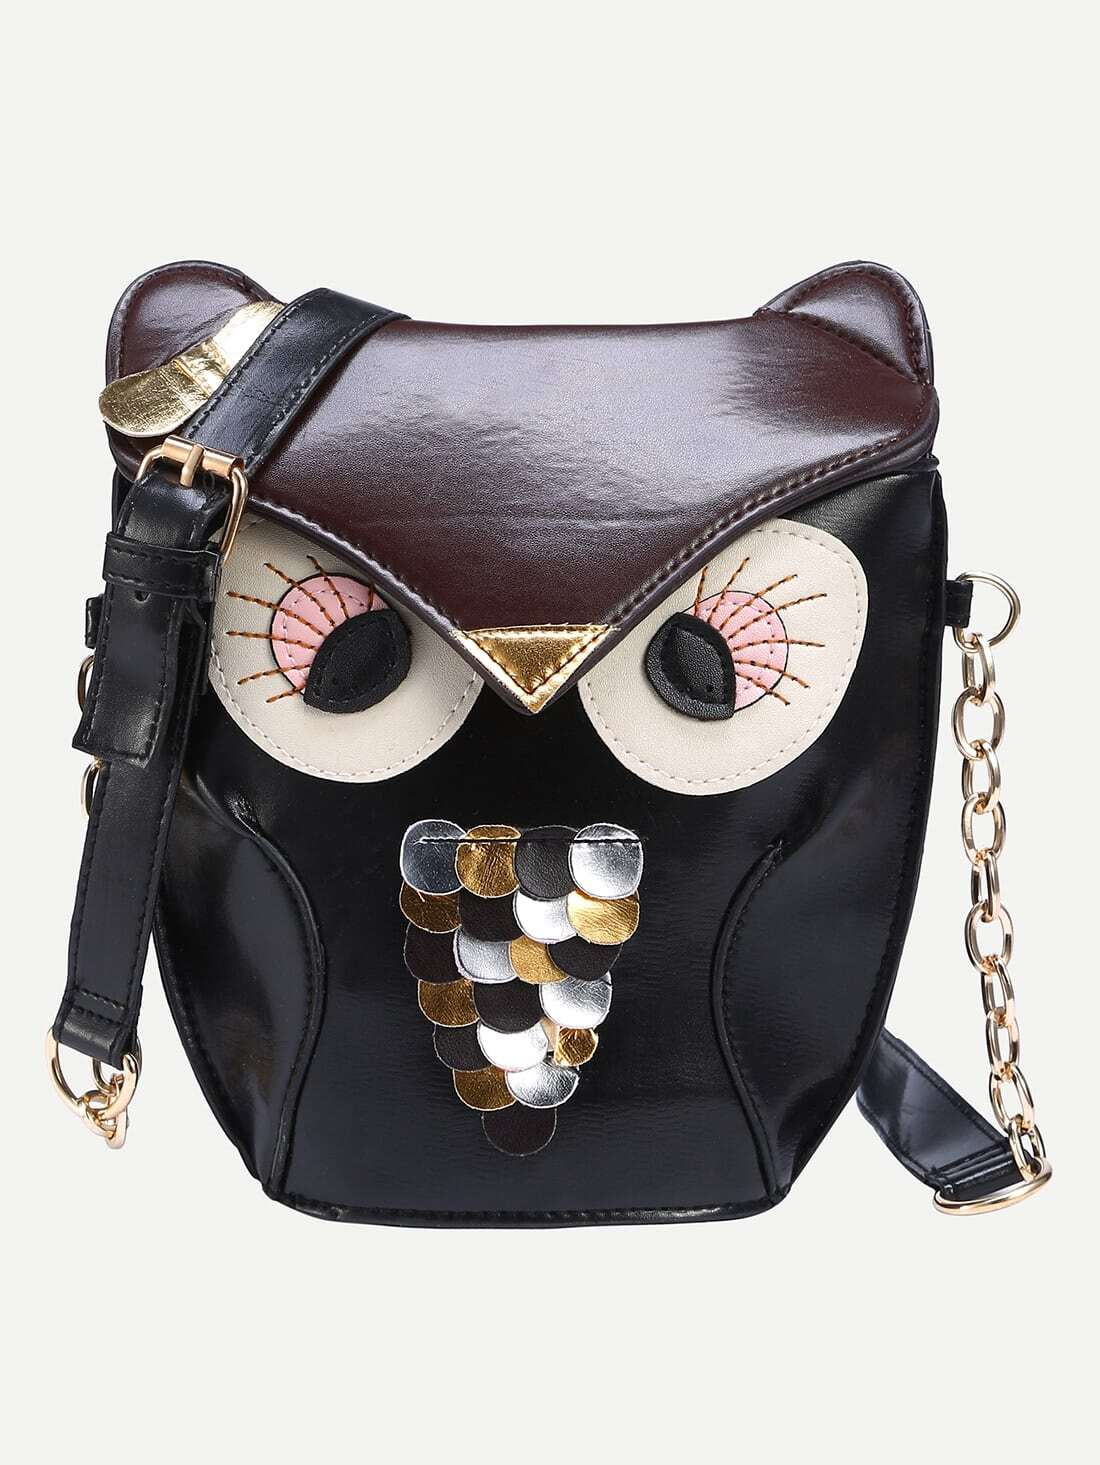 Faux Leather Owl Shoulder Bag - BlackFaux Leather Owl Shoulder Bag - Black<br><br>color: Black<br>size: None